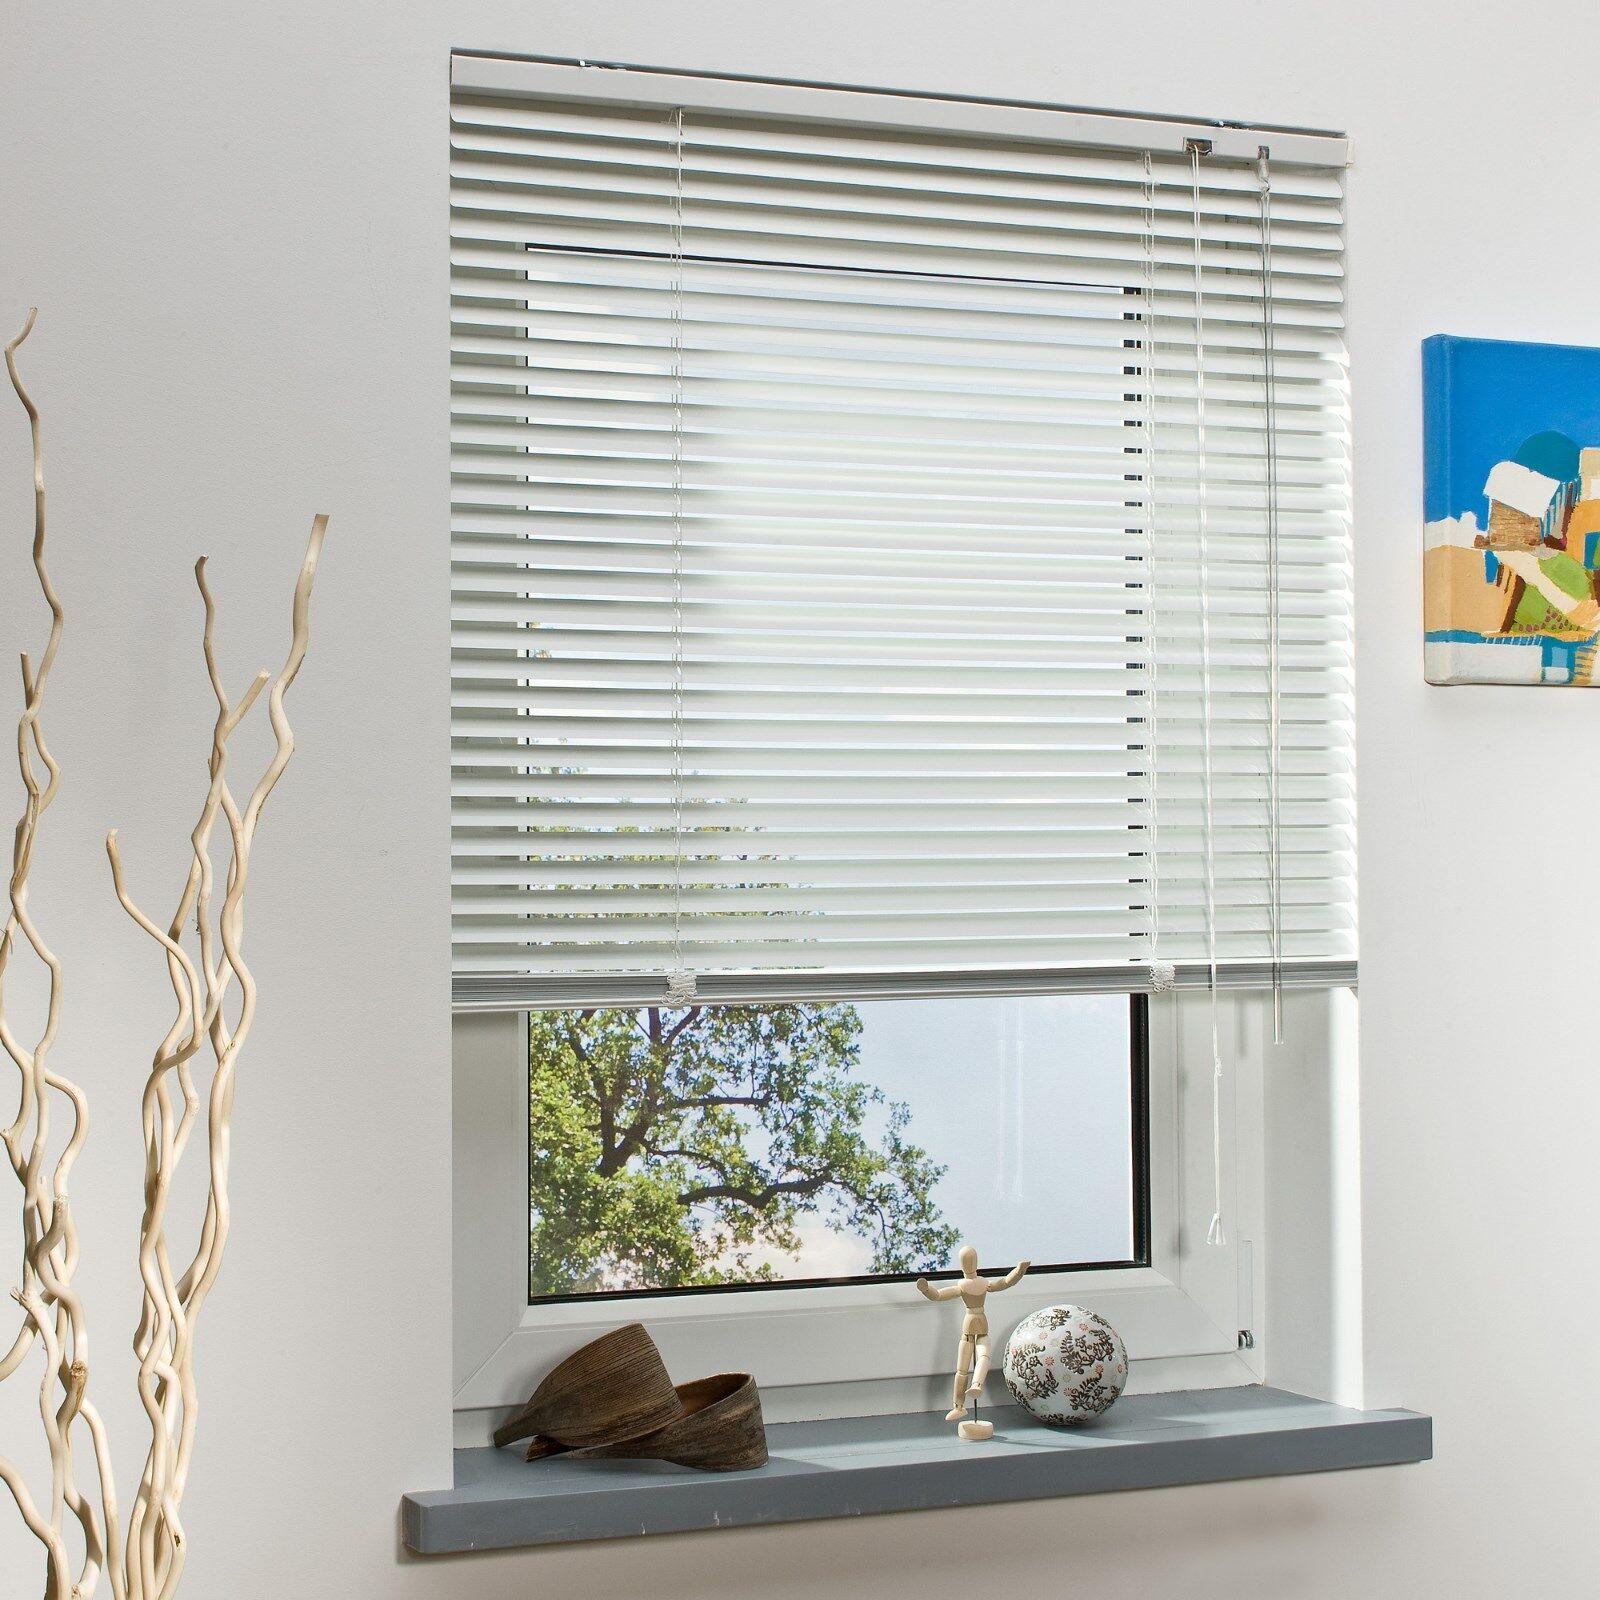 Alu Jalousie Faltstore Lamellen Aluminium Aluminium Aluminium Fenster Tür Rollo Weiß 50 bis 200 cm | Qualität und Verbraucher an erster Stelle  f5591d